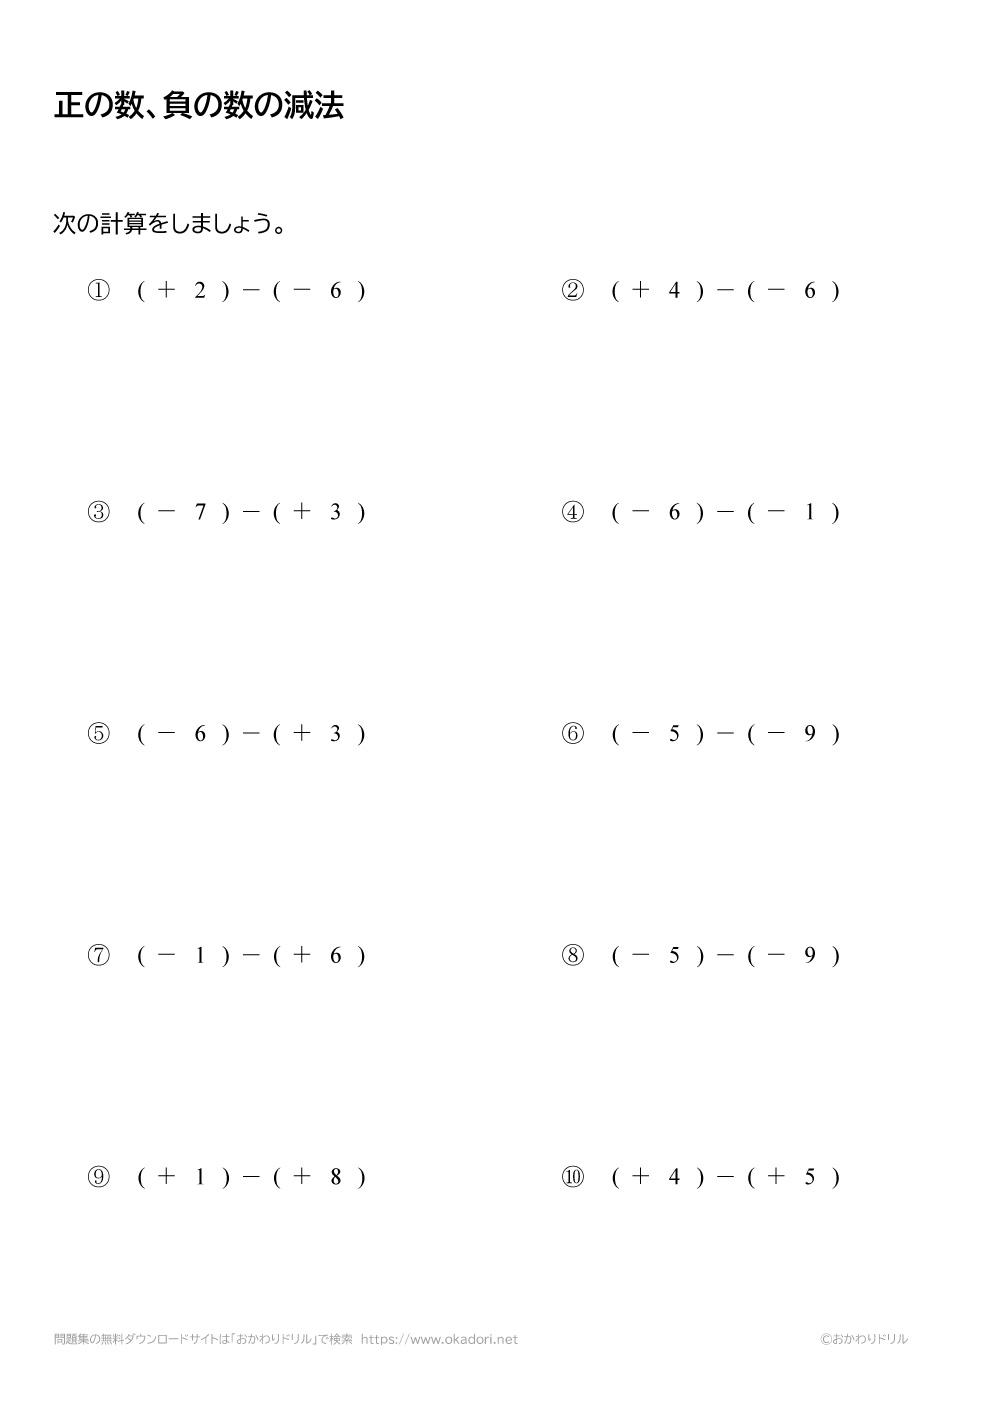 正の数・負の数の減法(引き算)の問題と答え4